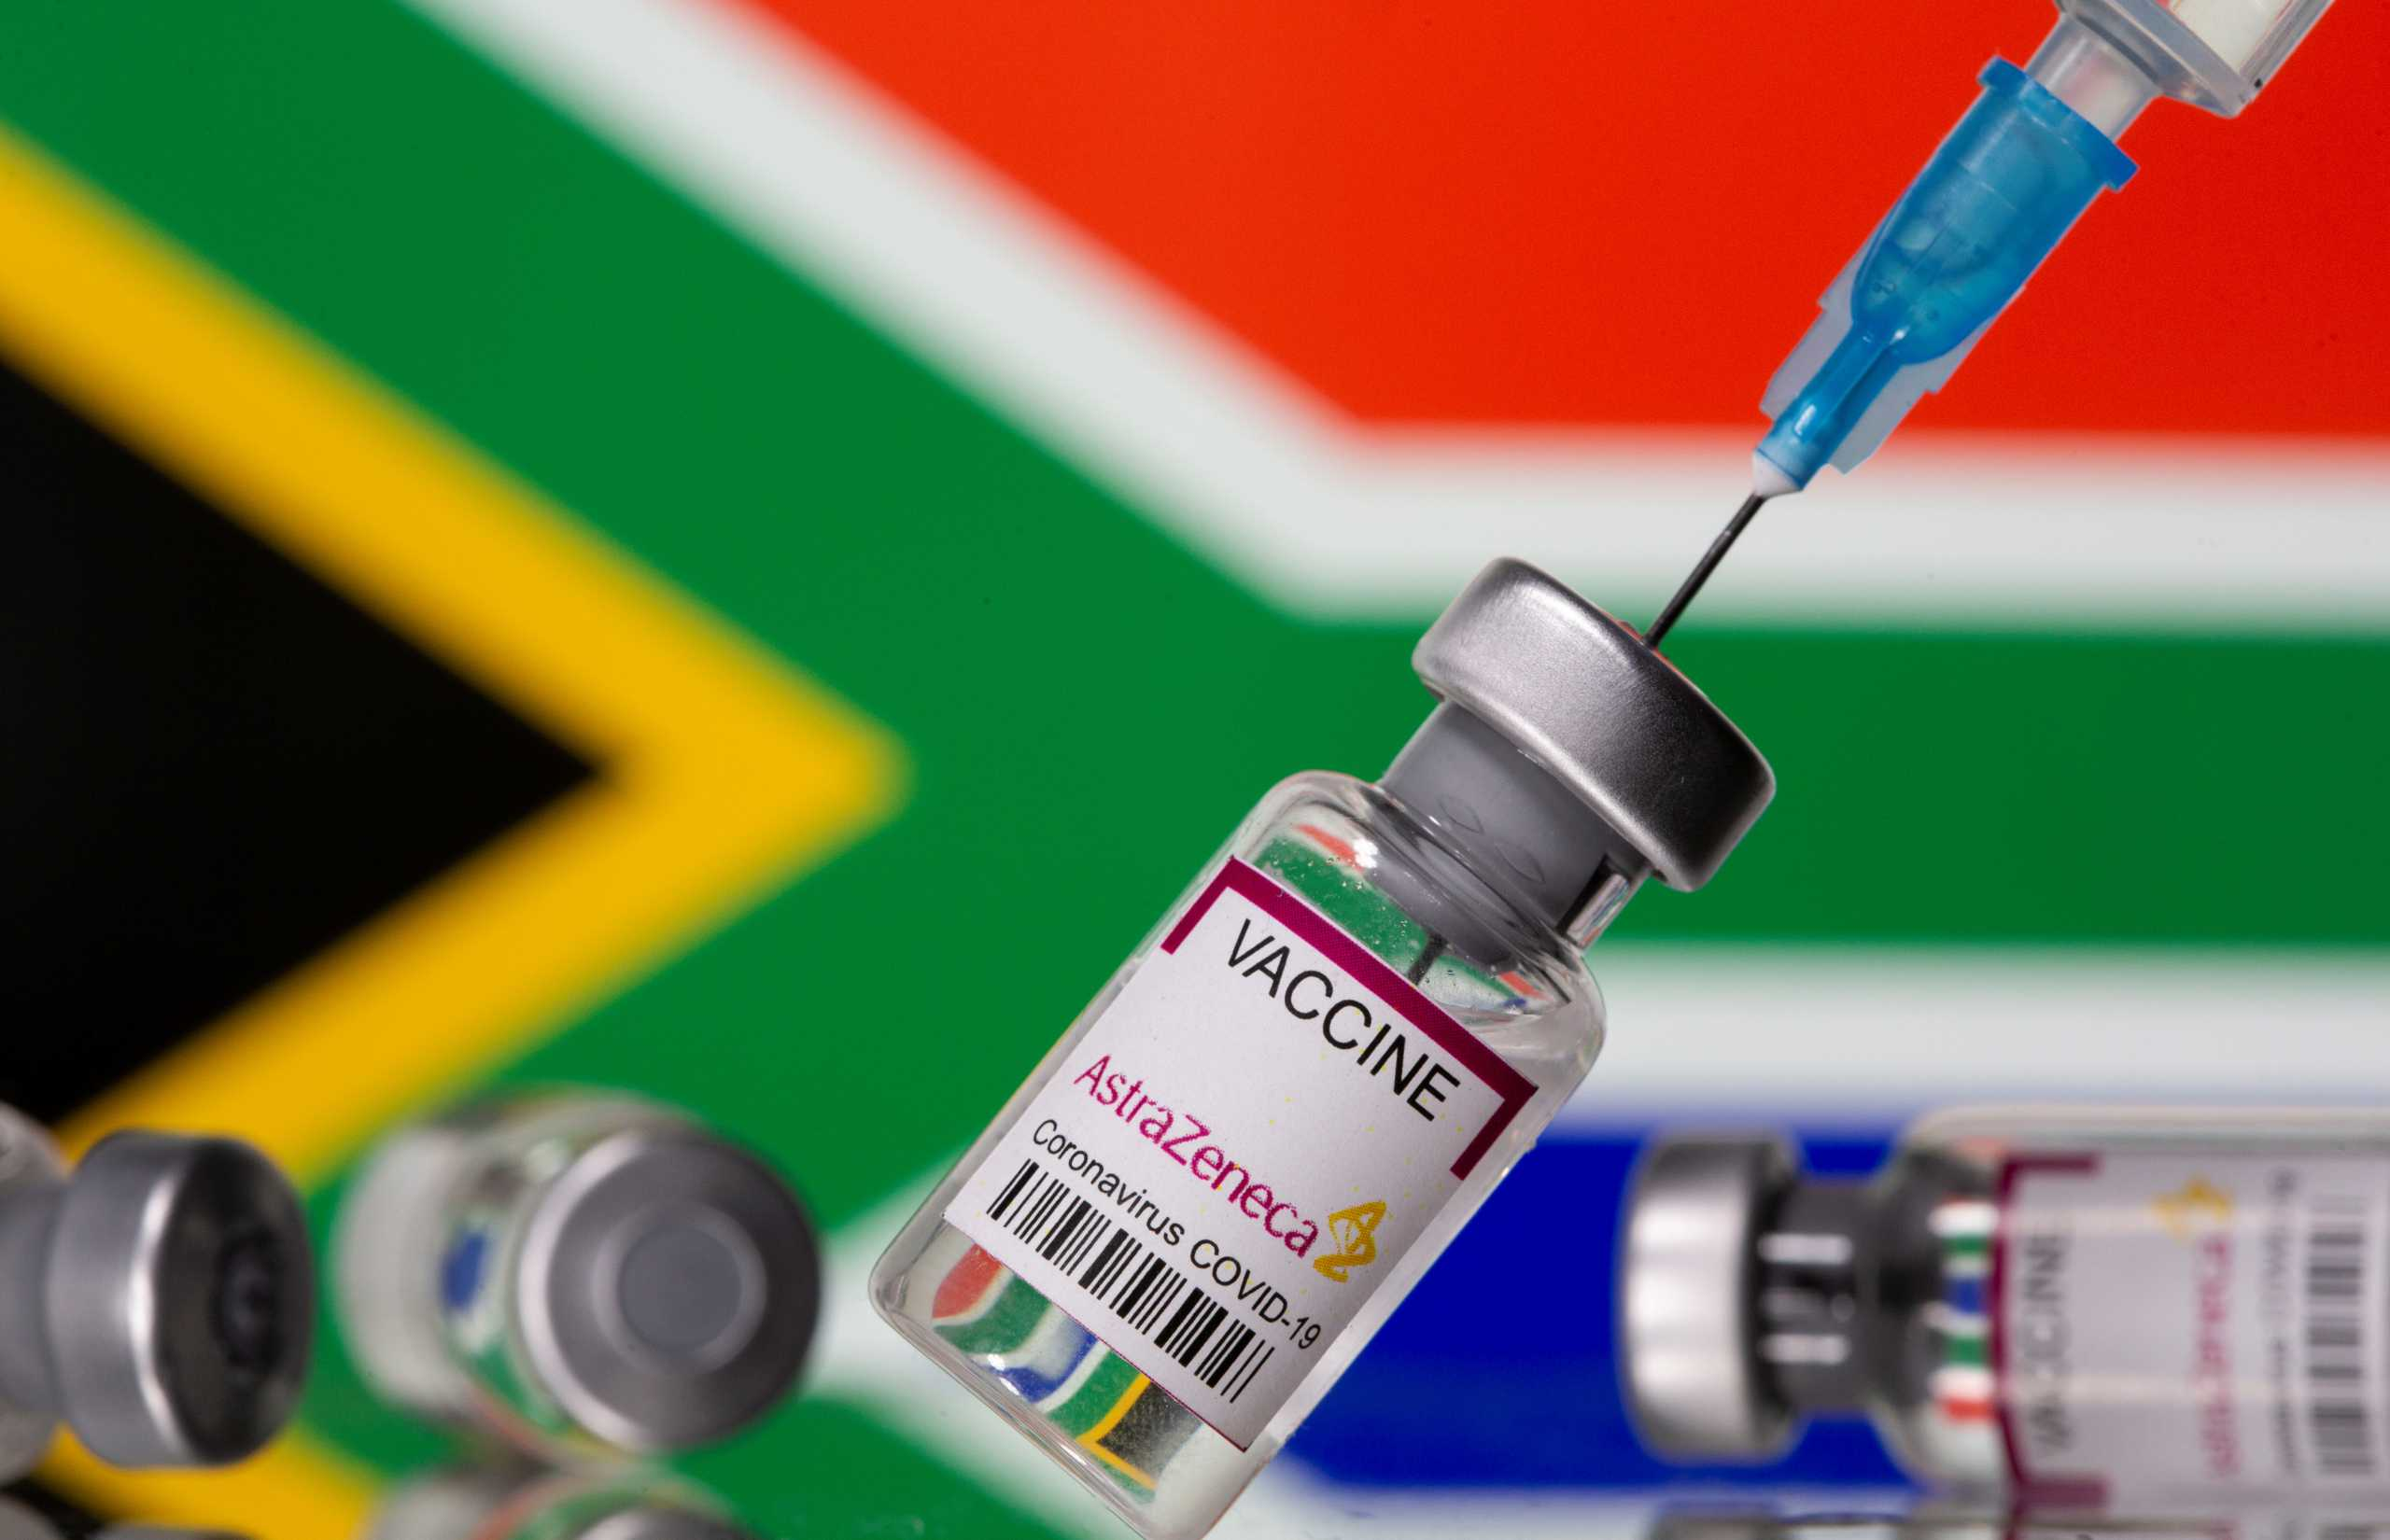 Η Ν. Αφρική πούλησε 1.000.000 δόσεις του εμβολίου της AstraZeneca σε άλλες αφρικανικές χώρες